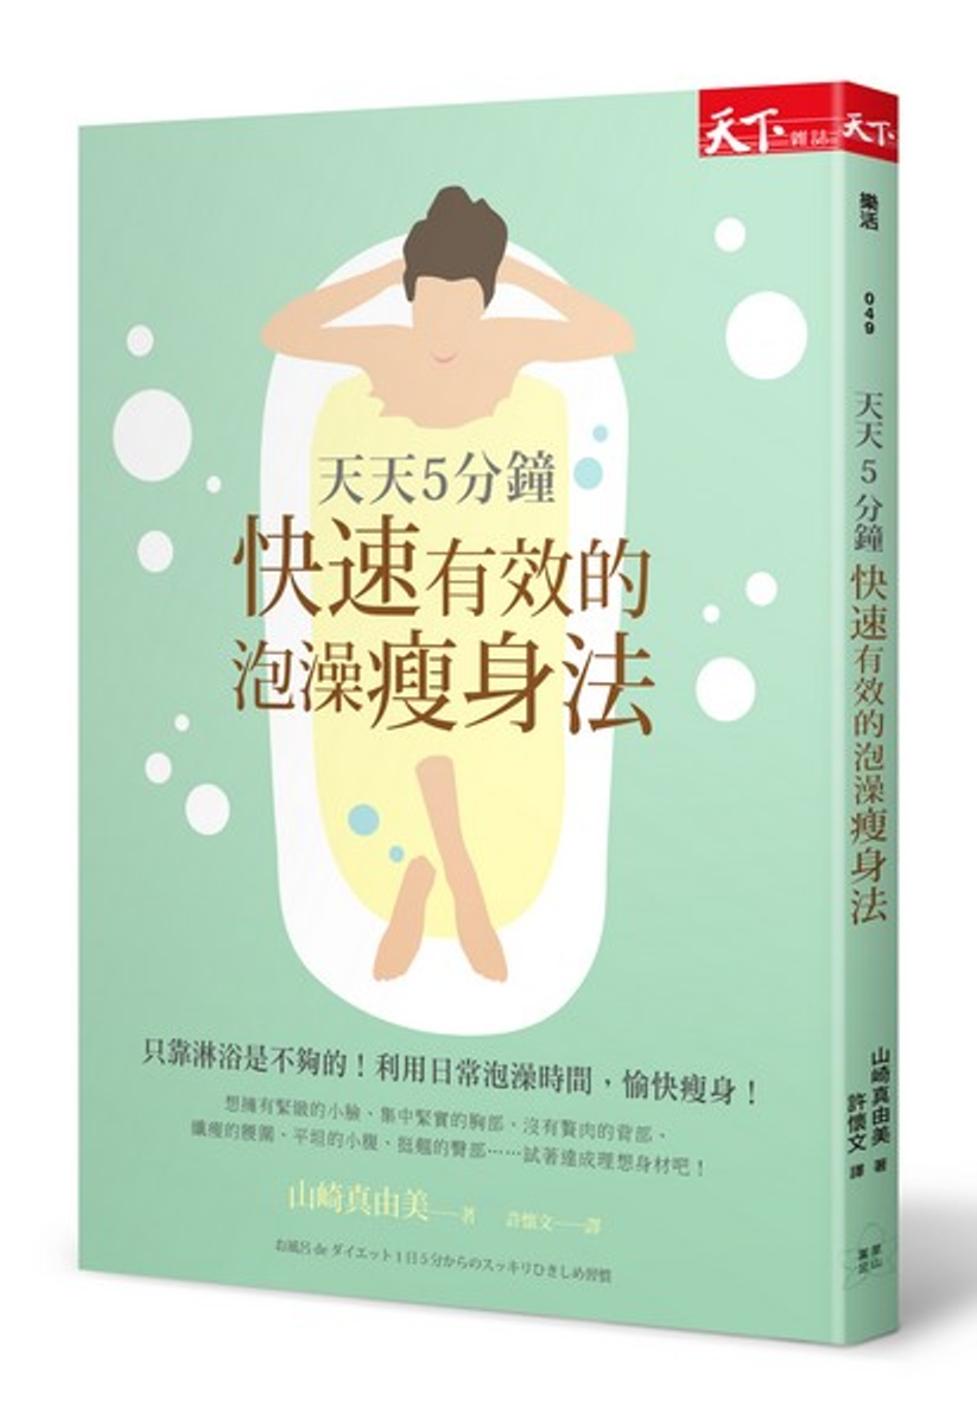 天天5分鐘 快速有效的泡澡瘦身法